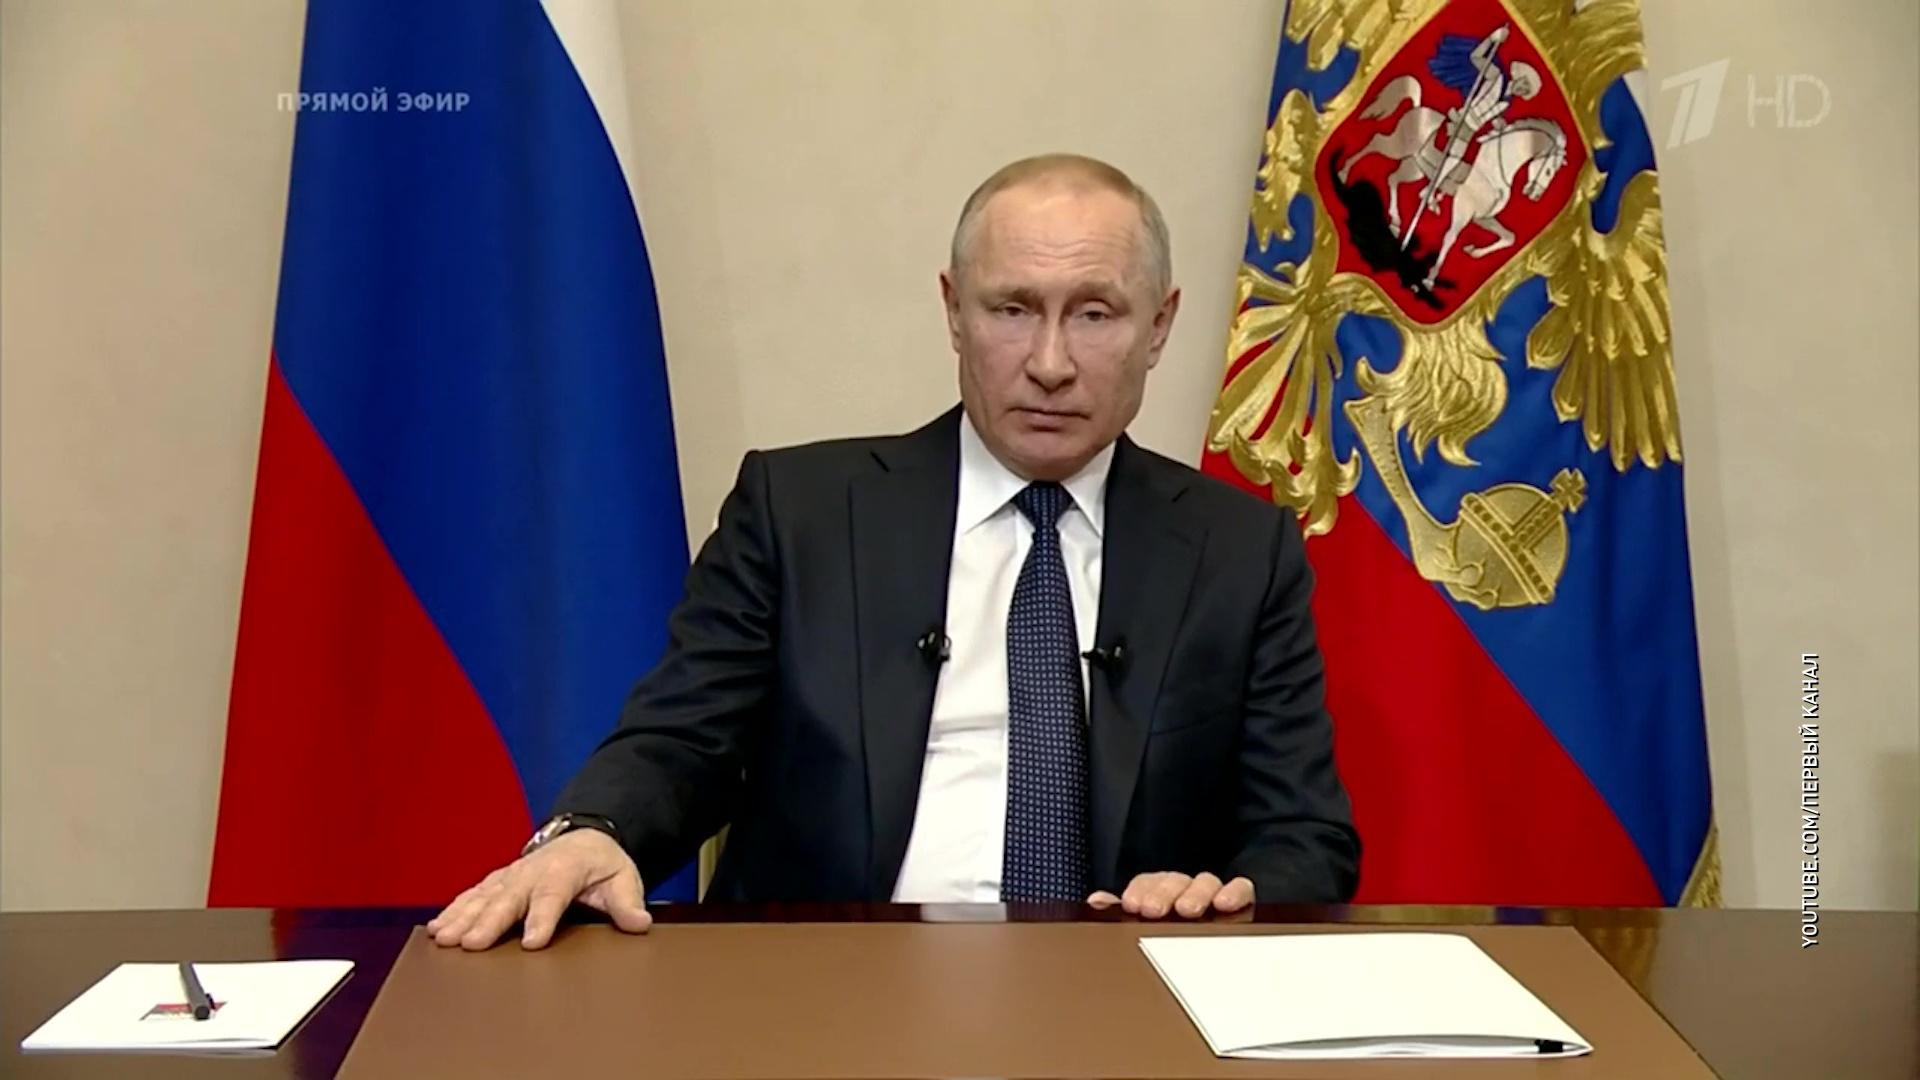 Недельный отпуск и перенос голосования: Владимир Путин обратился к россиянам в связи с пандемией